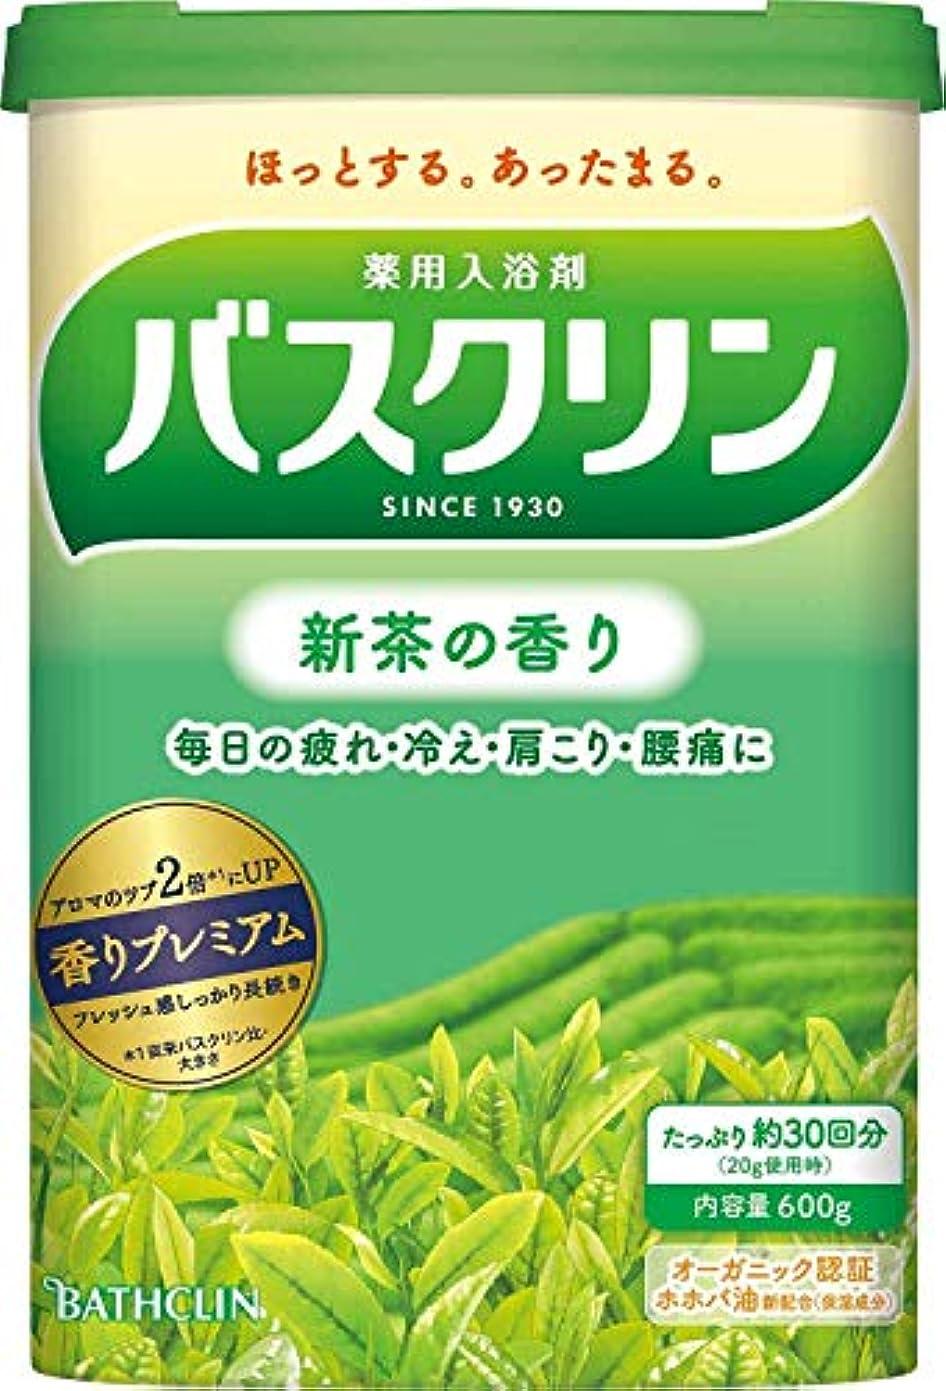 拡散するクレデンシャル第【医薬部外品】バスクリン新茶の香り600g入浴剤(約30回分)